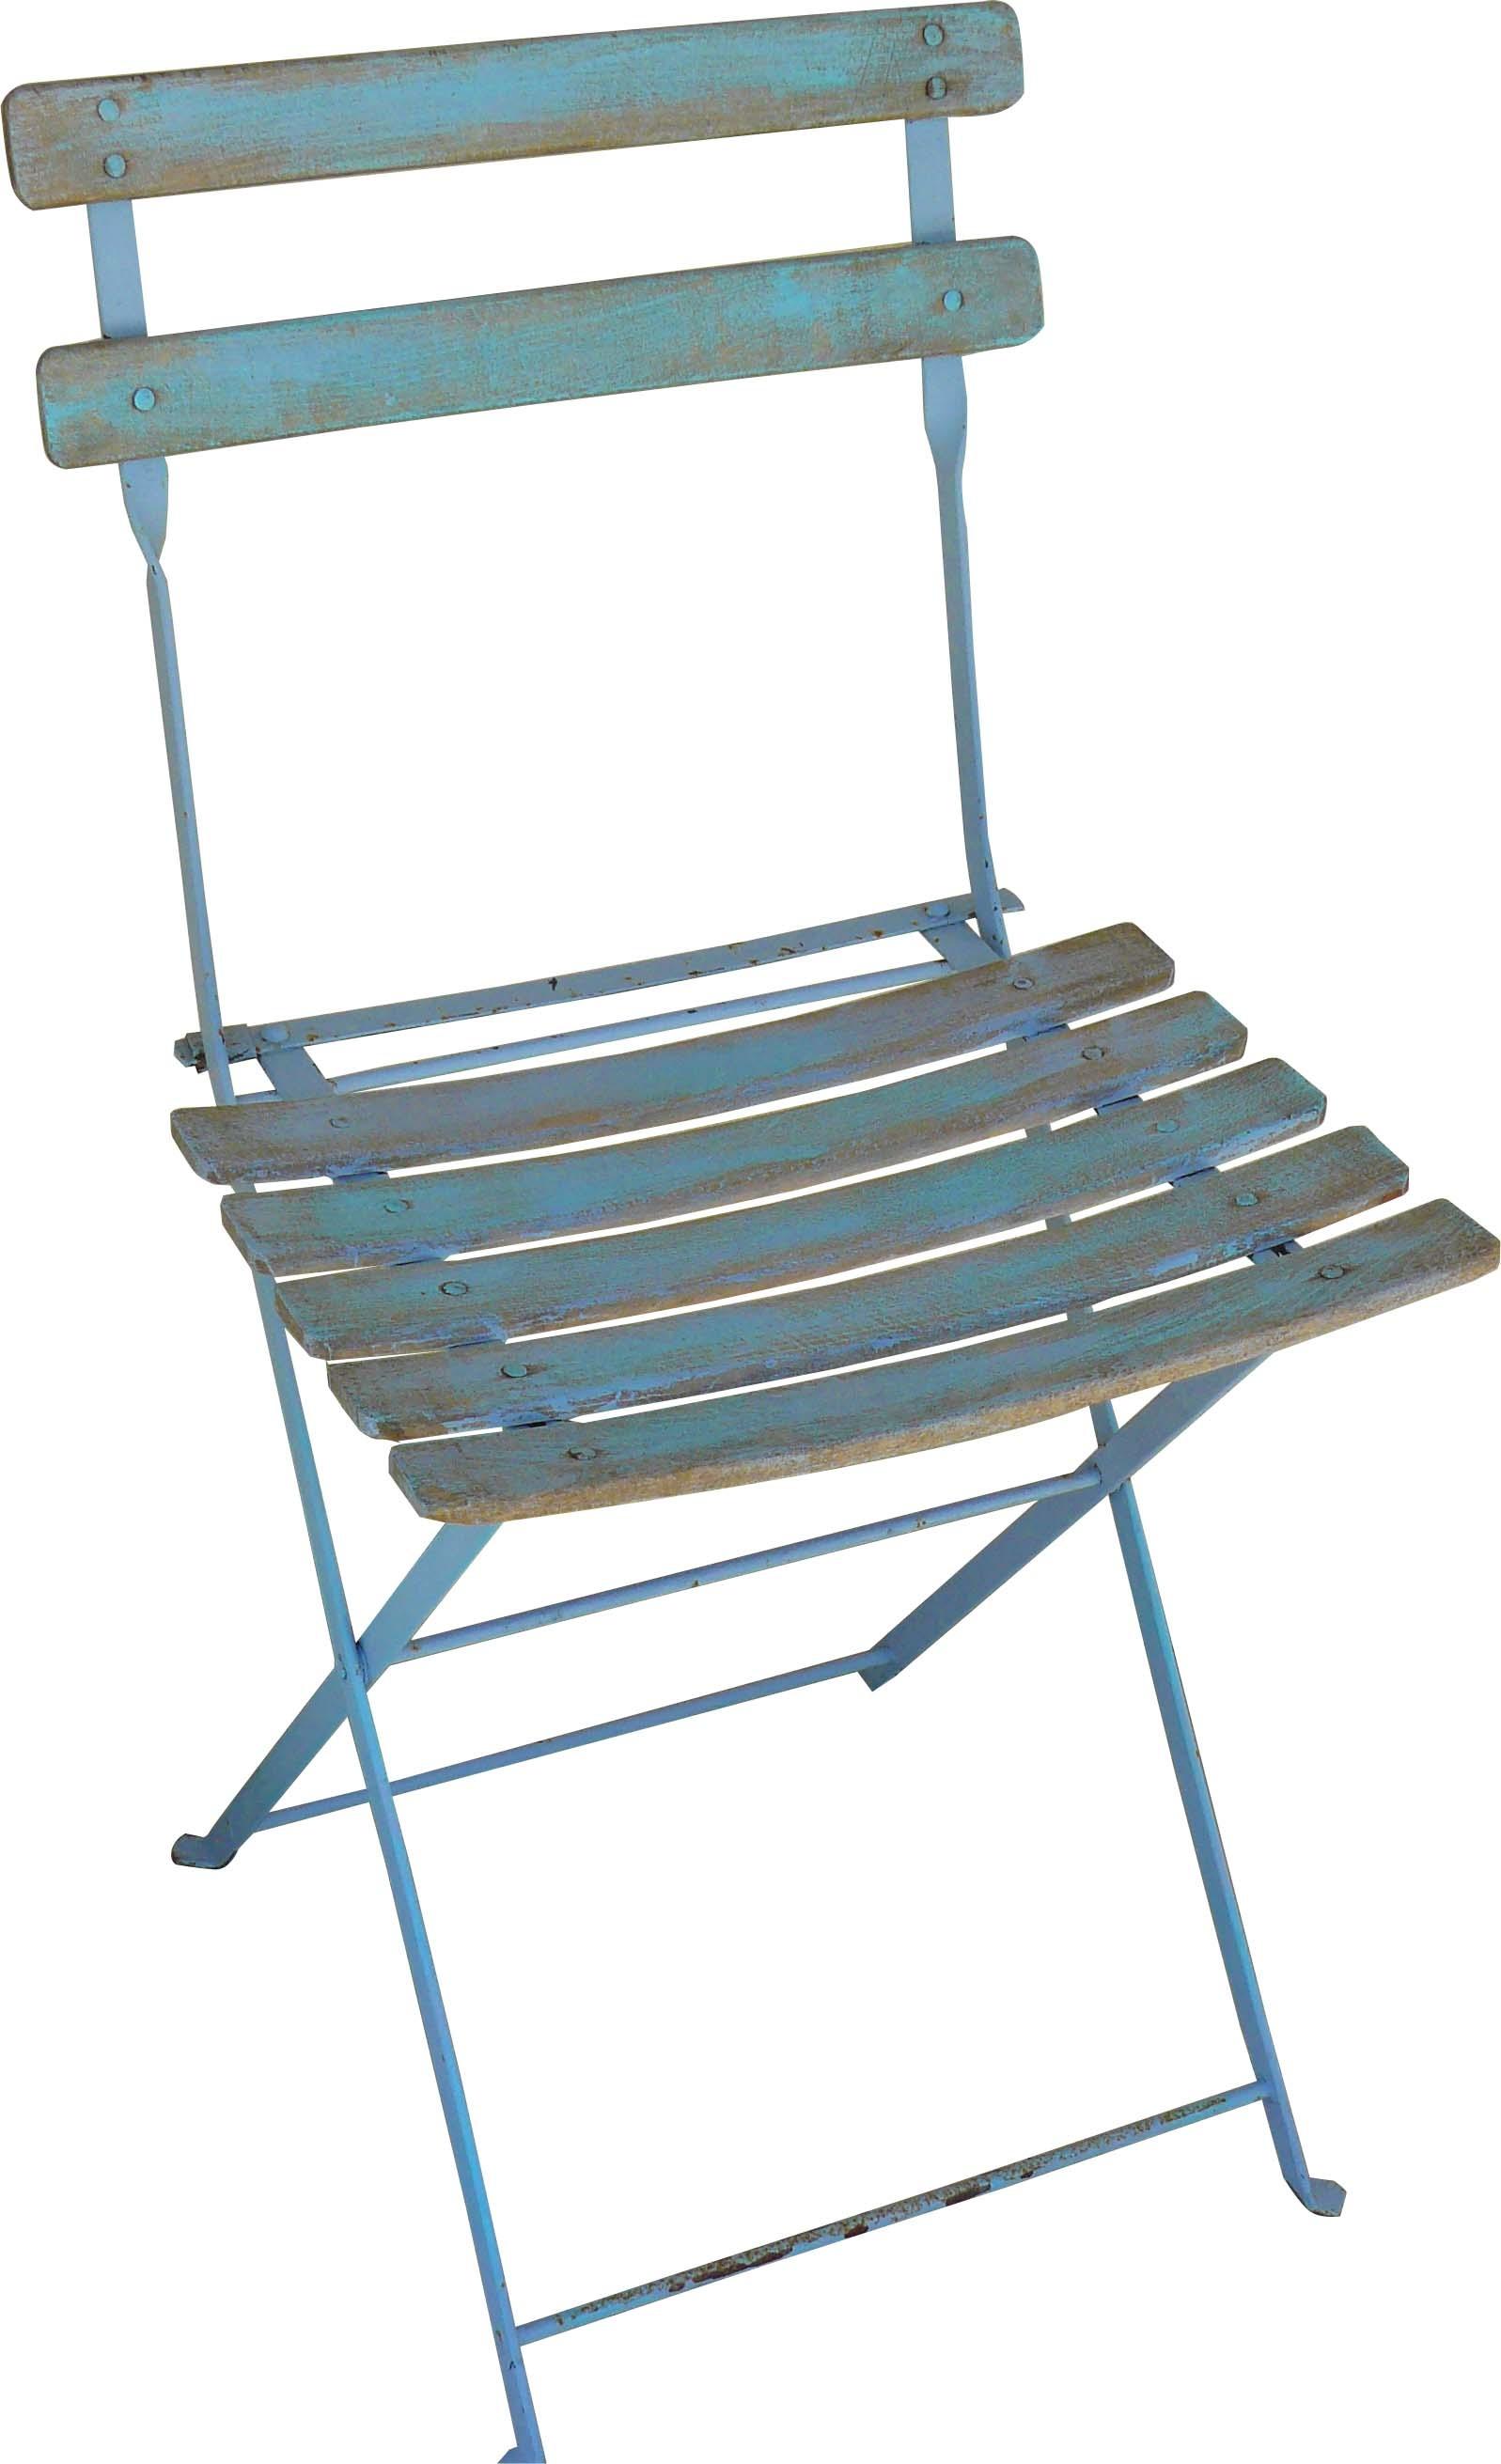 Avanceret Gratis billeder : tabel, stol, blå, møbel, produkt, seng, jern RM53